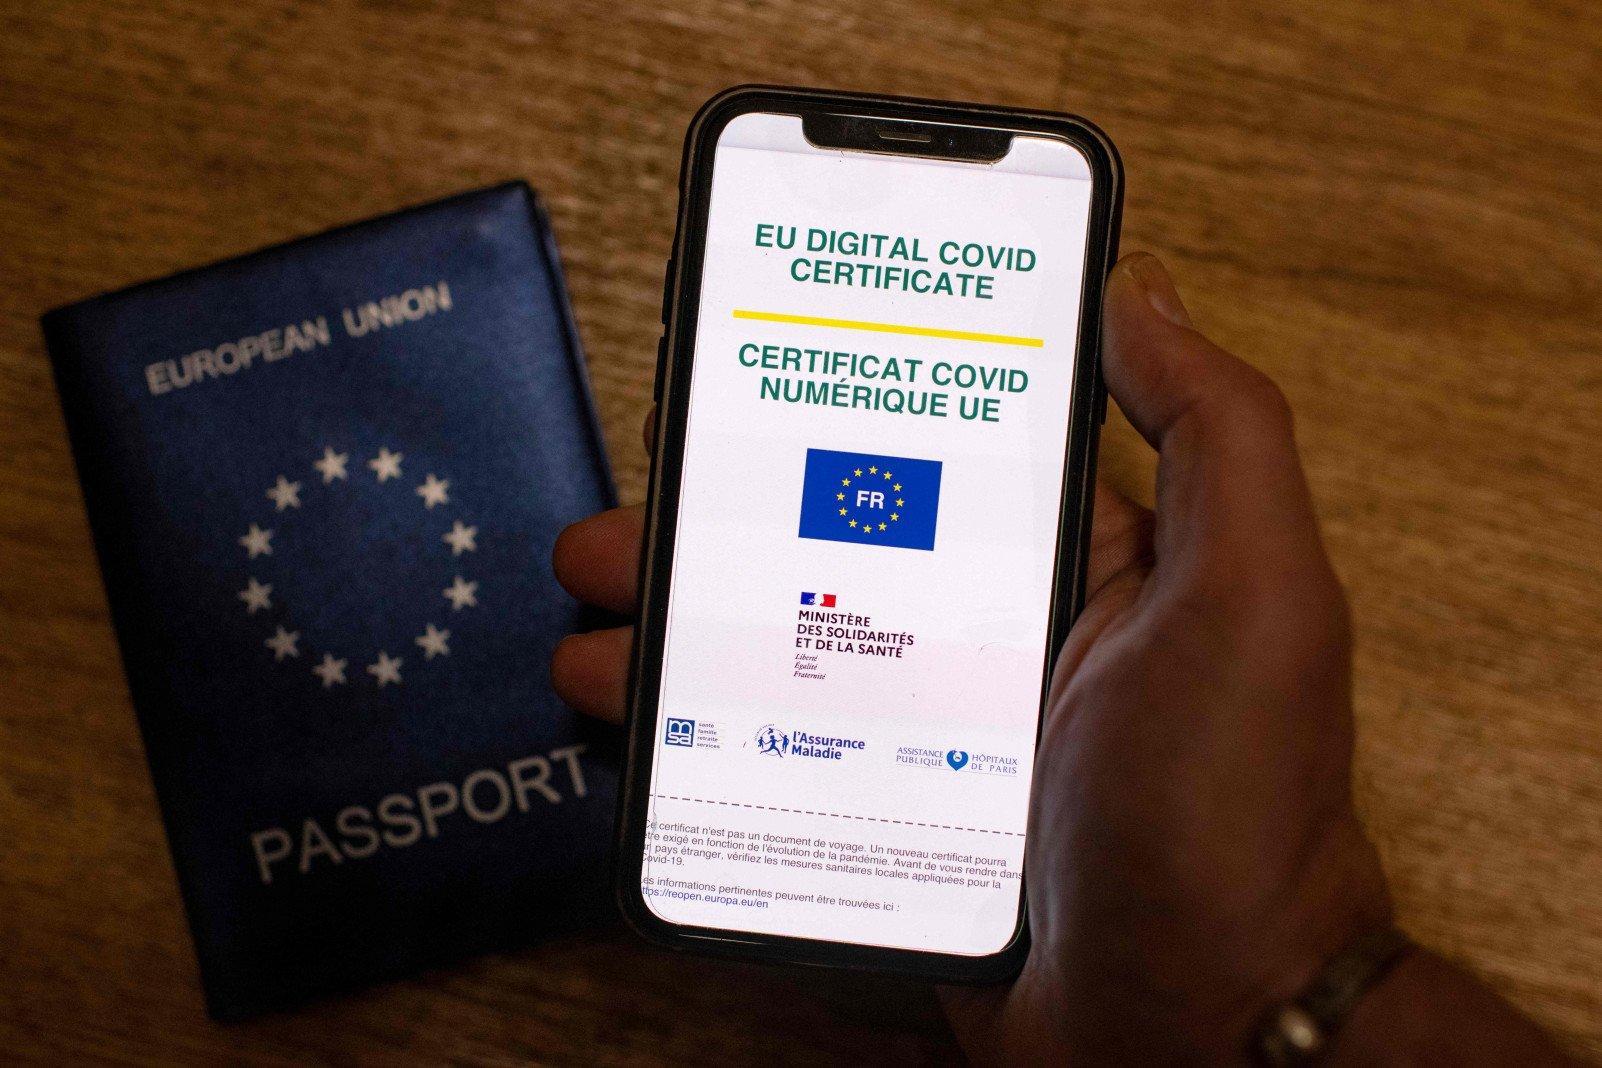 На Кипре начали действовать COVID-сертификаты